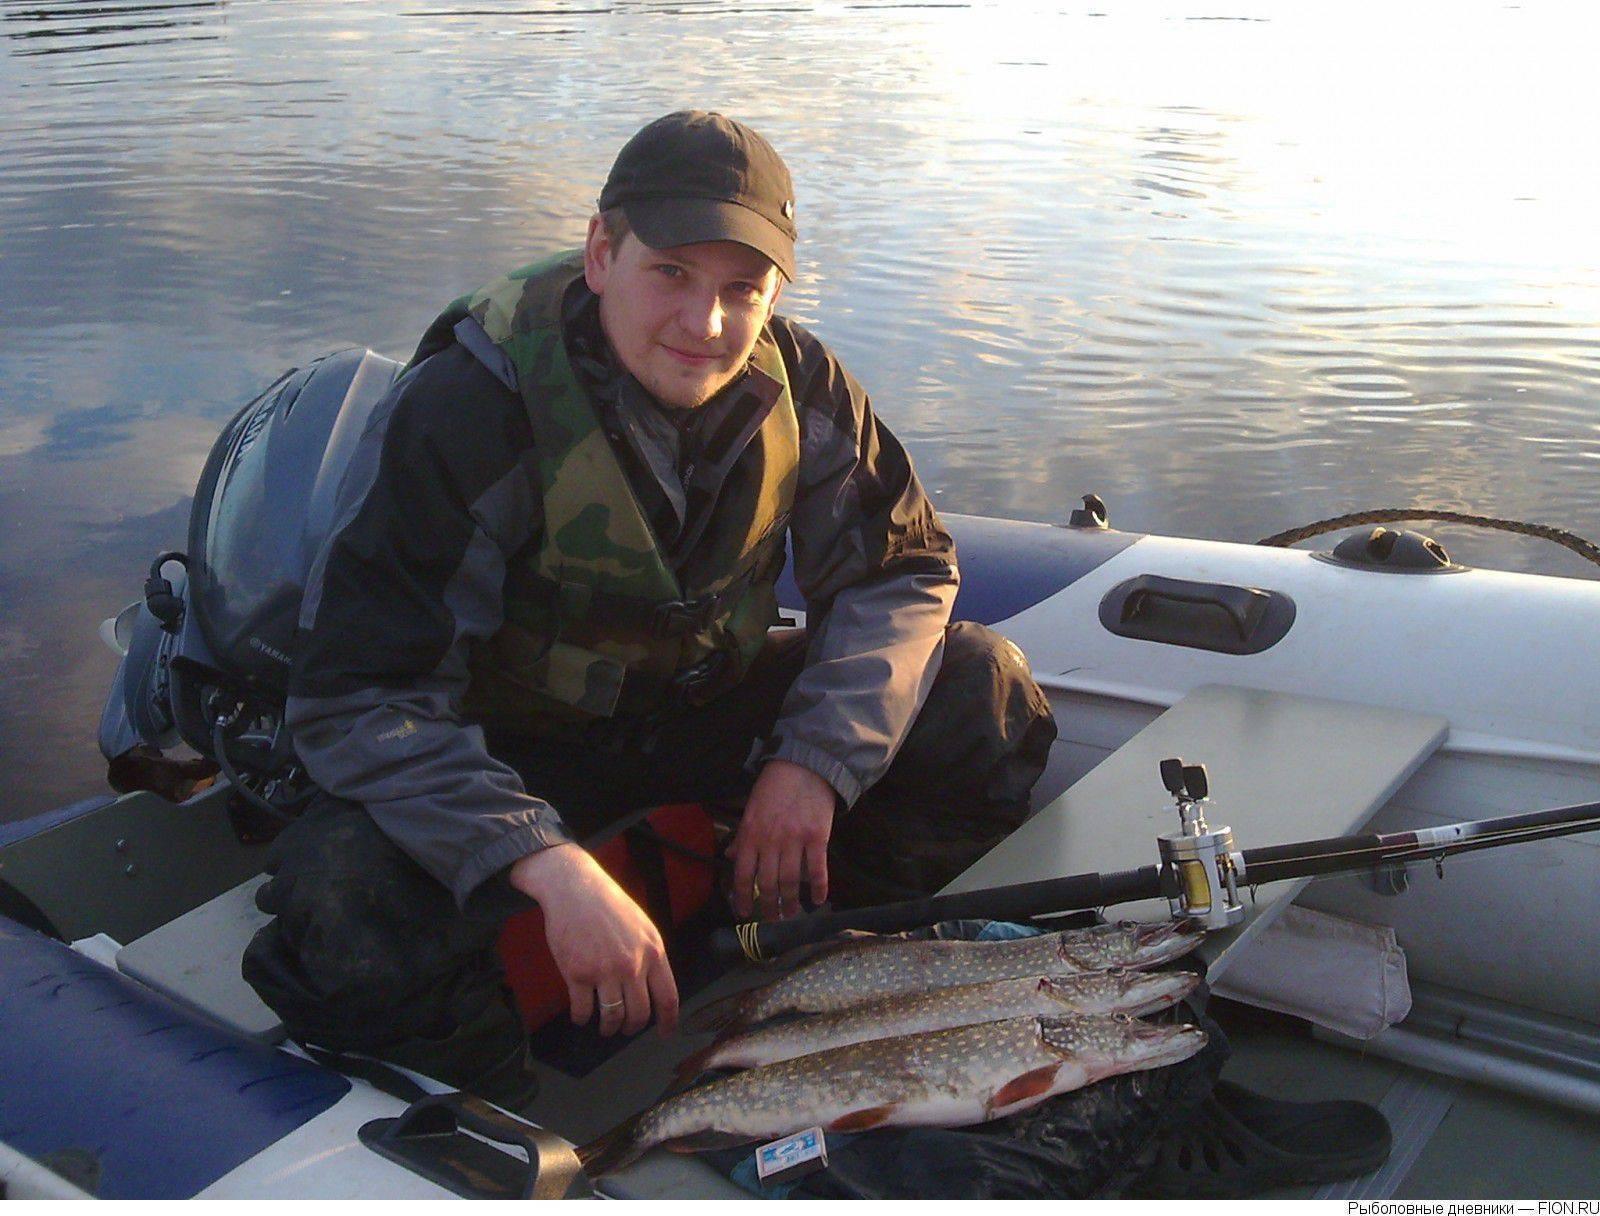 На водоемах северо-запада вступили в силу осенние запреты | северо-западное территориальное управление федерального агентства по рыболовству